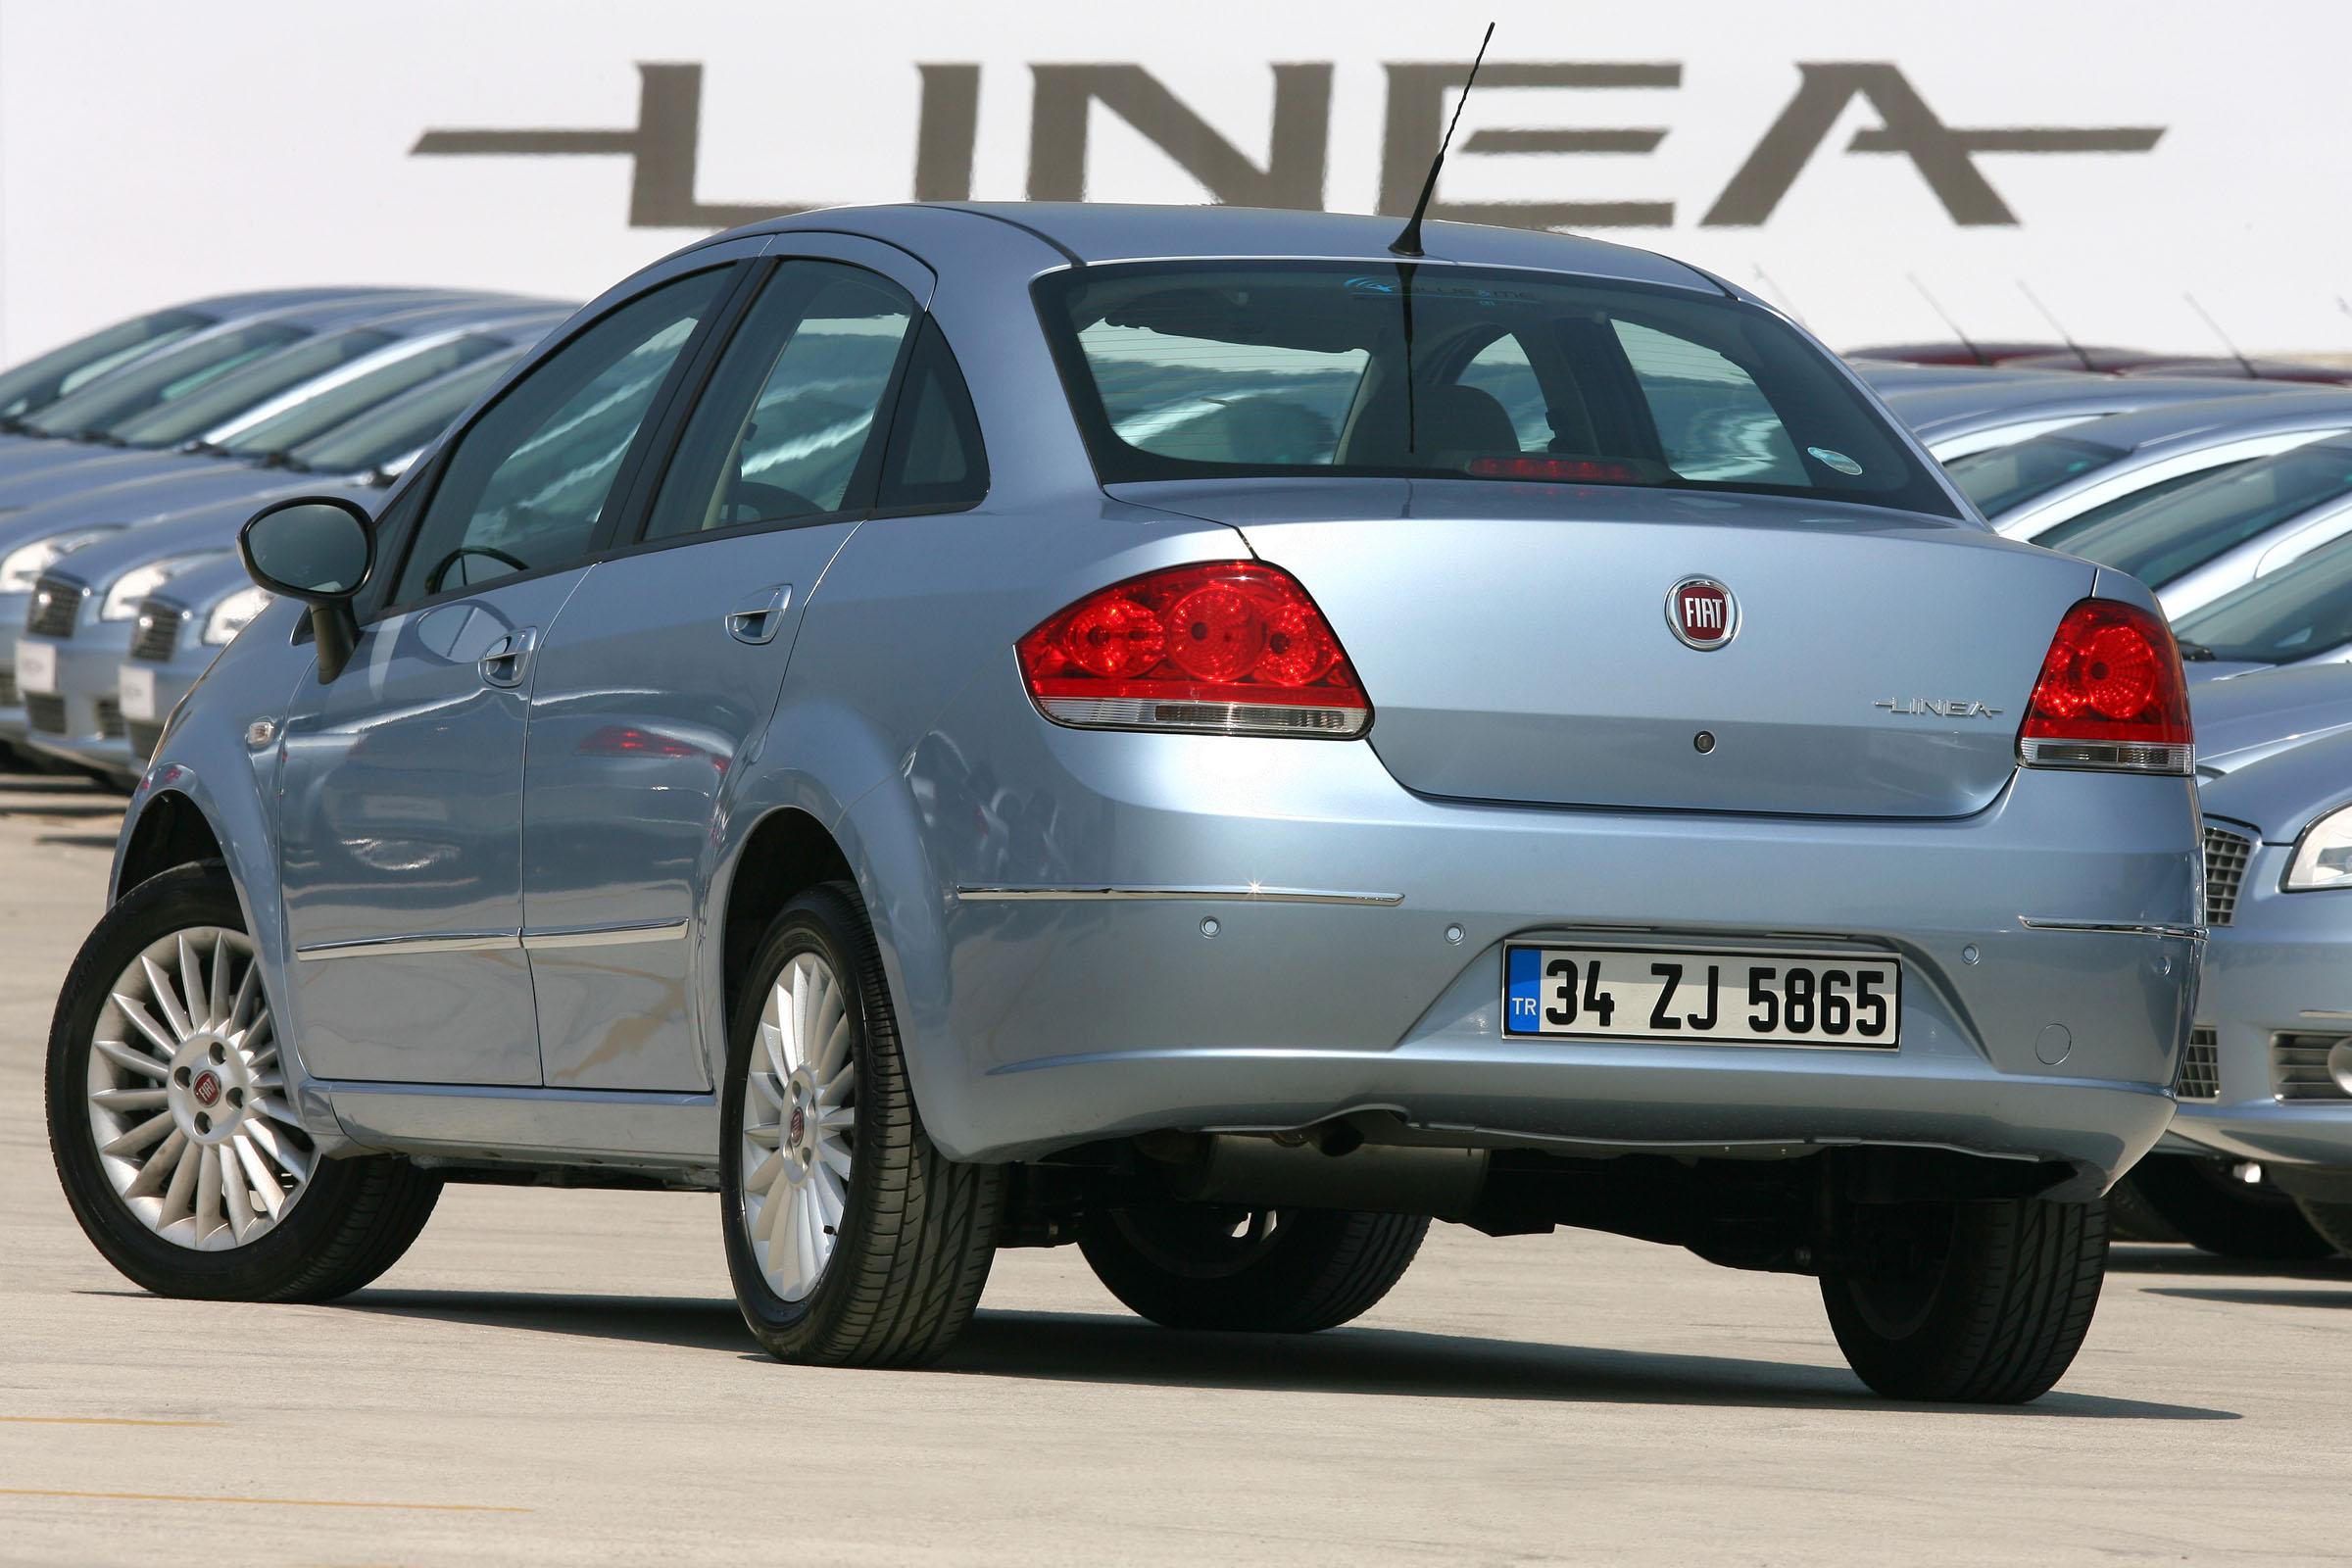 Fiat Linea samochód dla starszych